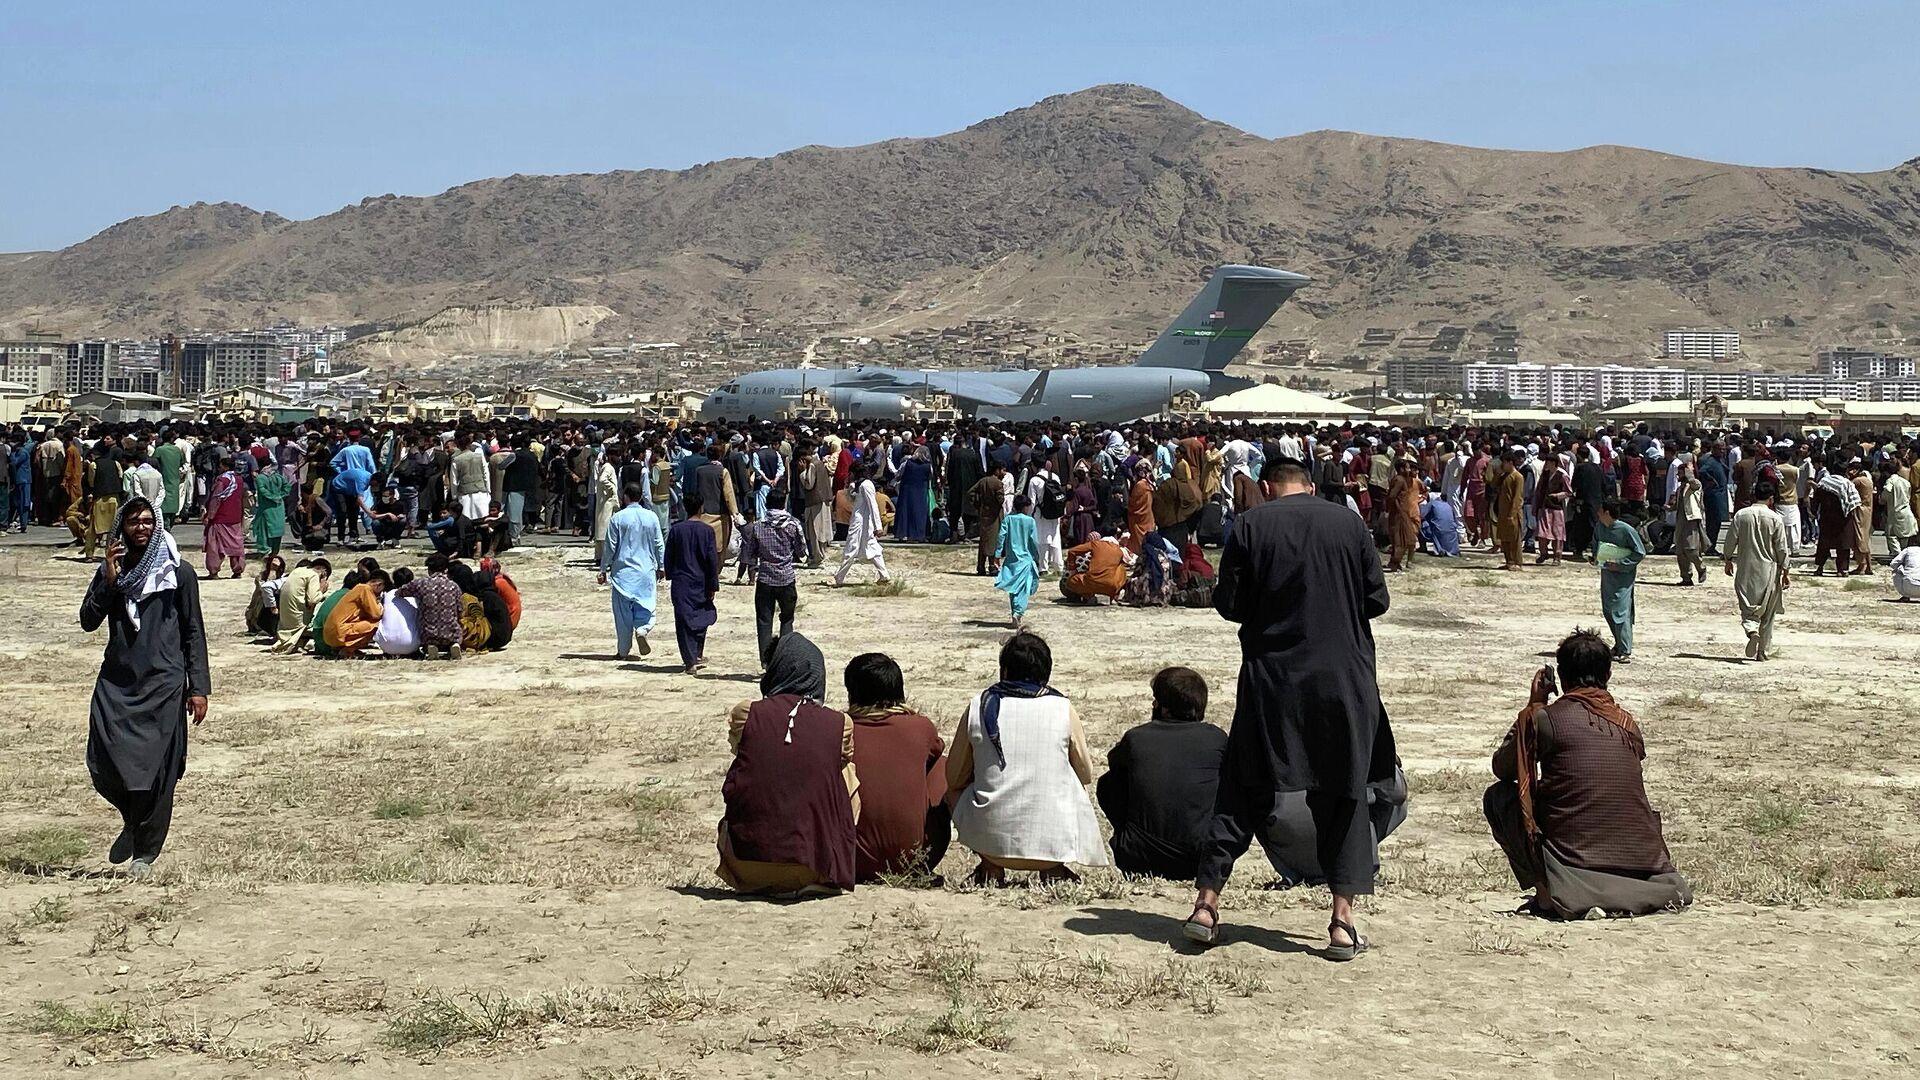 Sotni lyudey sobralis vozle transportnogo samoleta C-17 VVS SSHA na perimetre mejdunarodnogo aeroporta v Kabule - Sputnik Oʻzbekiston, 1920, 17.08.2021